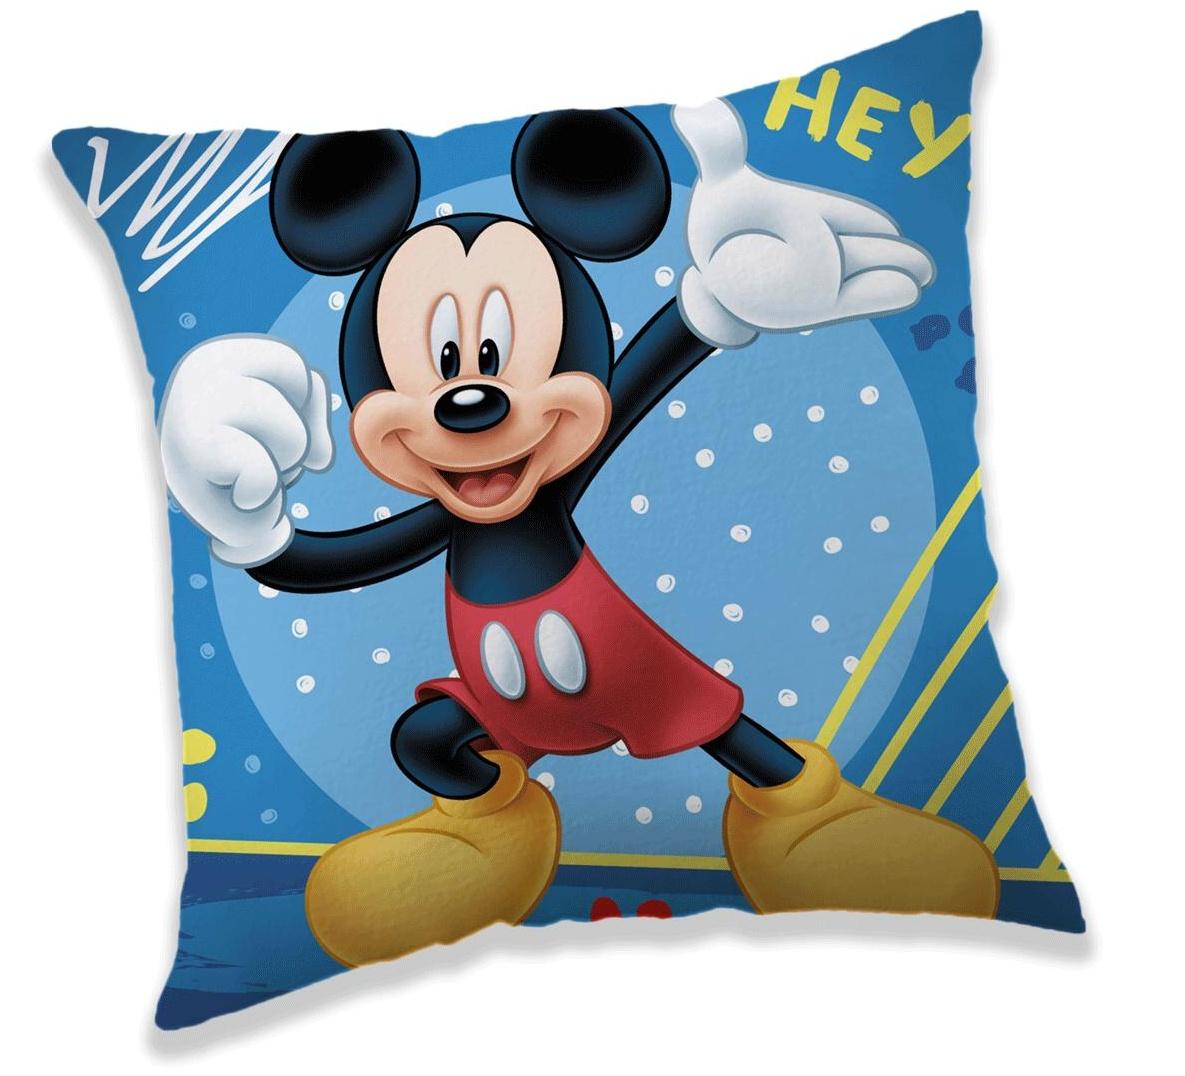 Polštářek Mickey hey 40x40 cm